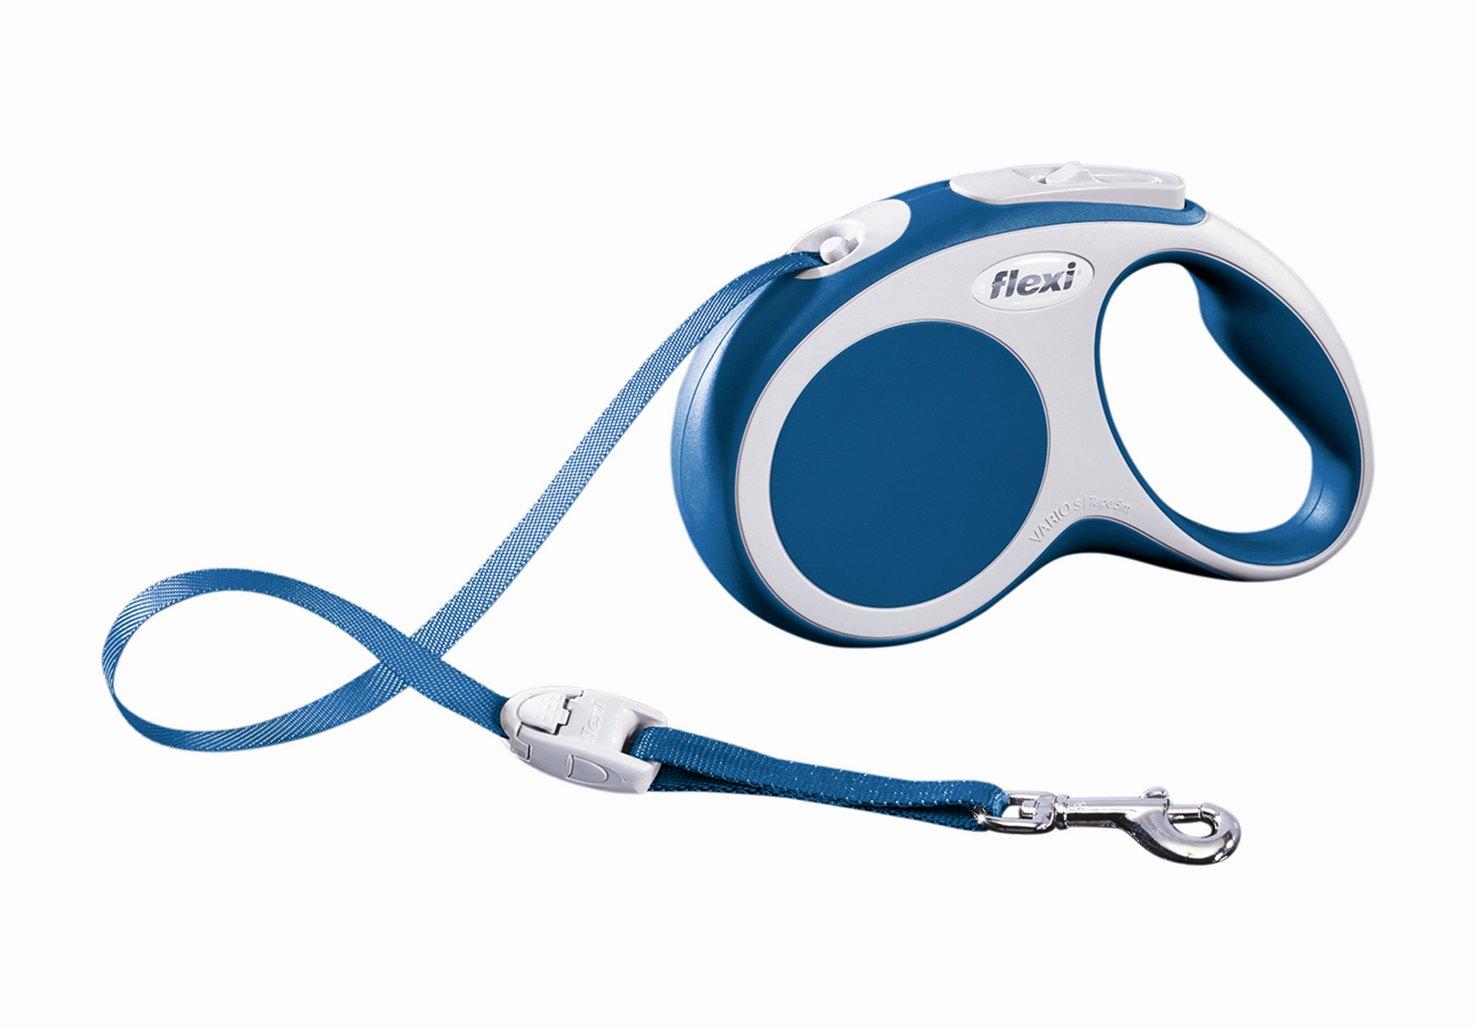 """Поводок-рулетка Flexi """"Vario Compact S"""" для собак до 15 кг, цвет: синий, 5 м"""